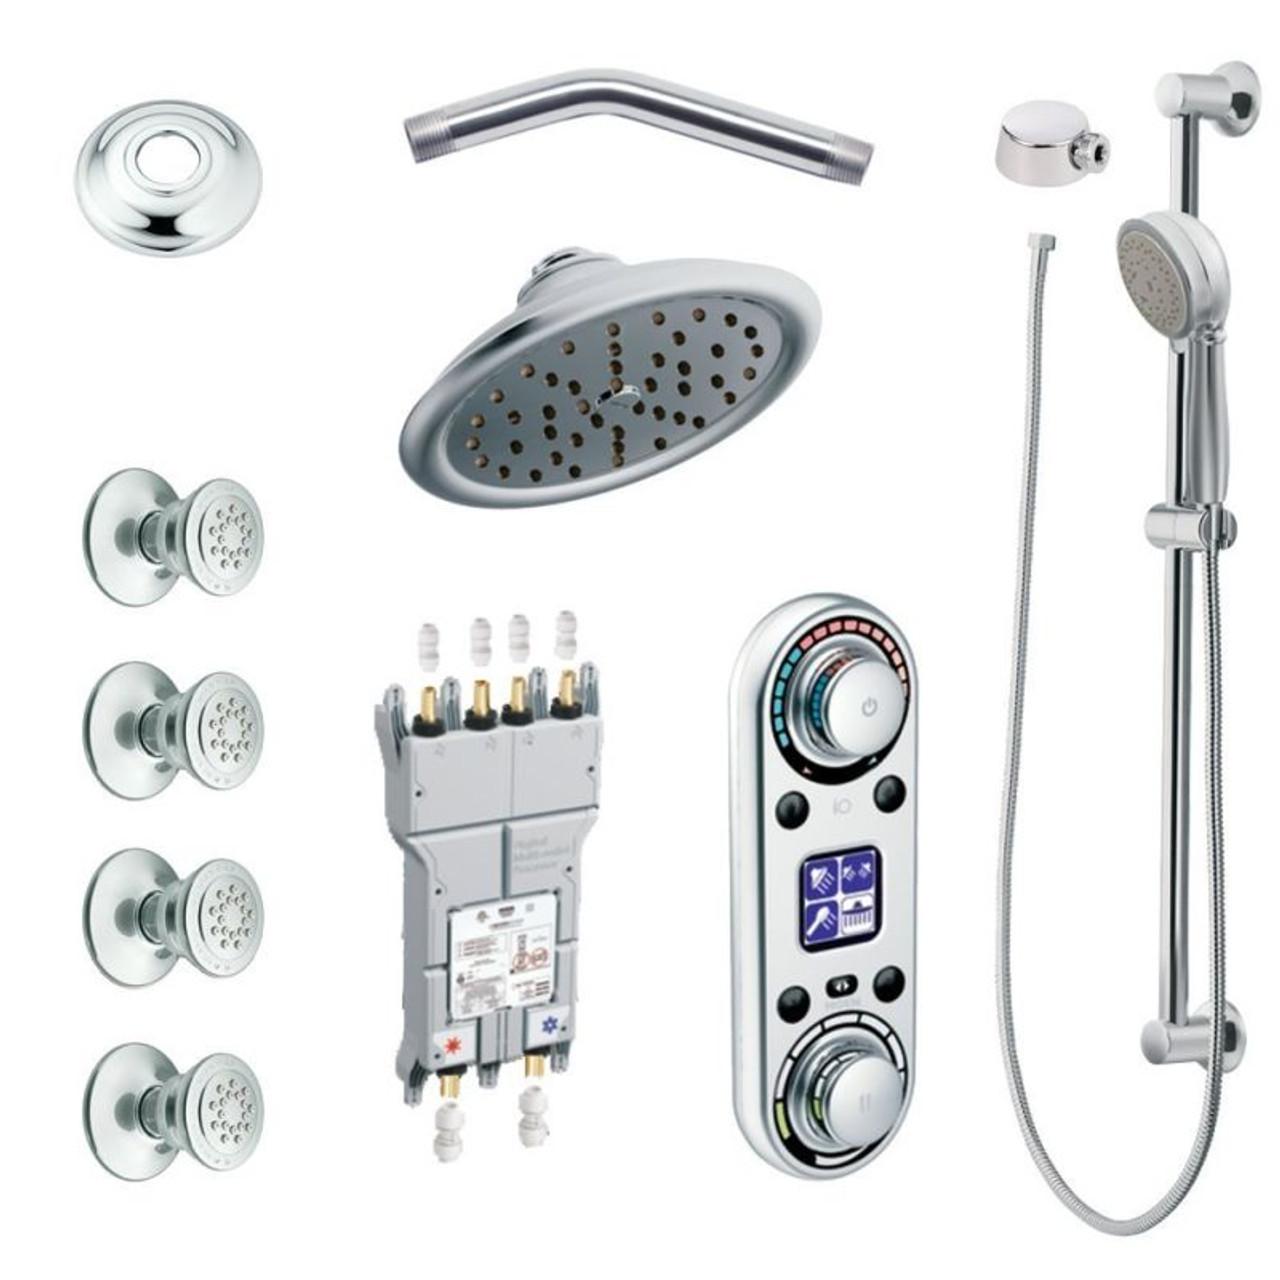 Moen Kspio Hsb Ts295cr Vertical Spa Kit With Handheld Shower And Slide Bar